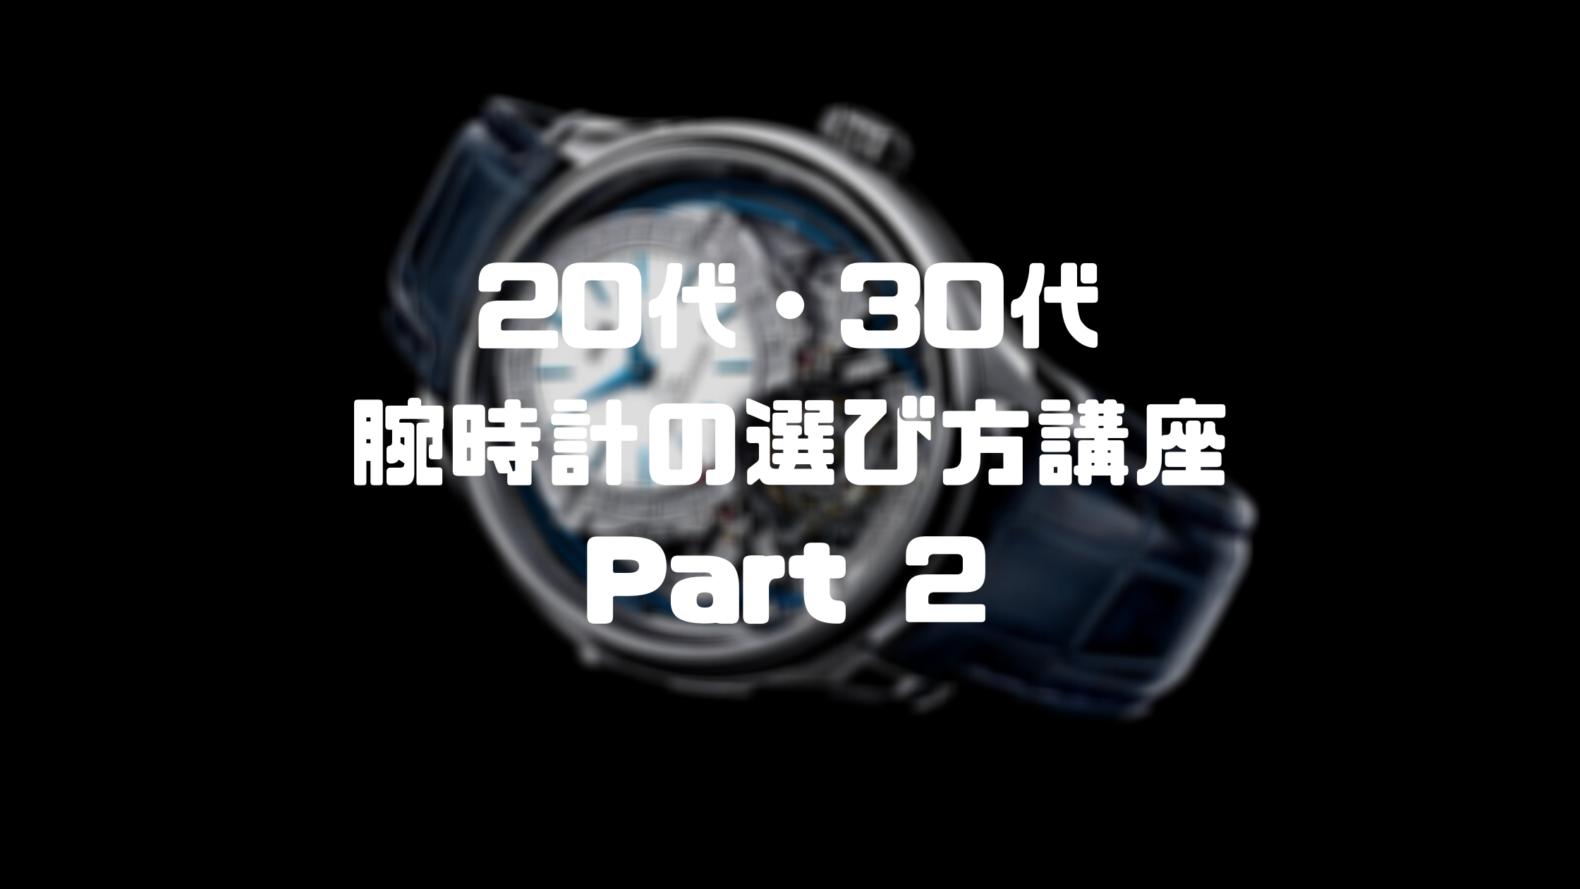 20代・30代 腕時計の選び方講座 Part 2